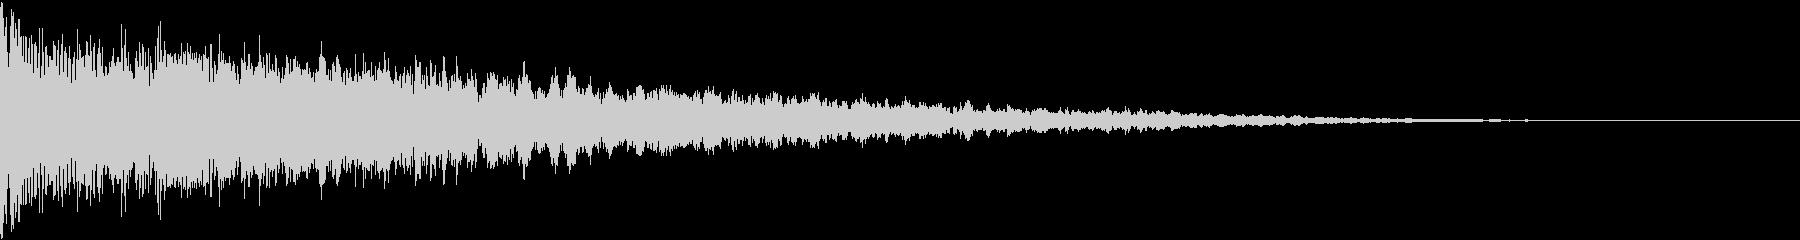 ドンとバン:都市伝説などのテロップ時5の未再生の波形